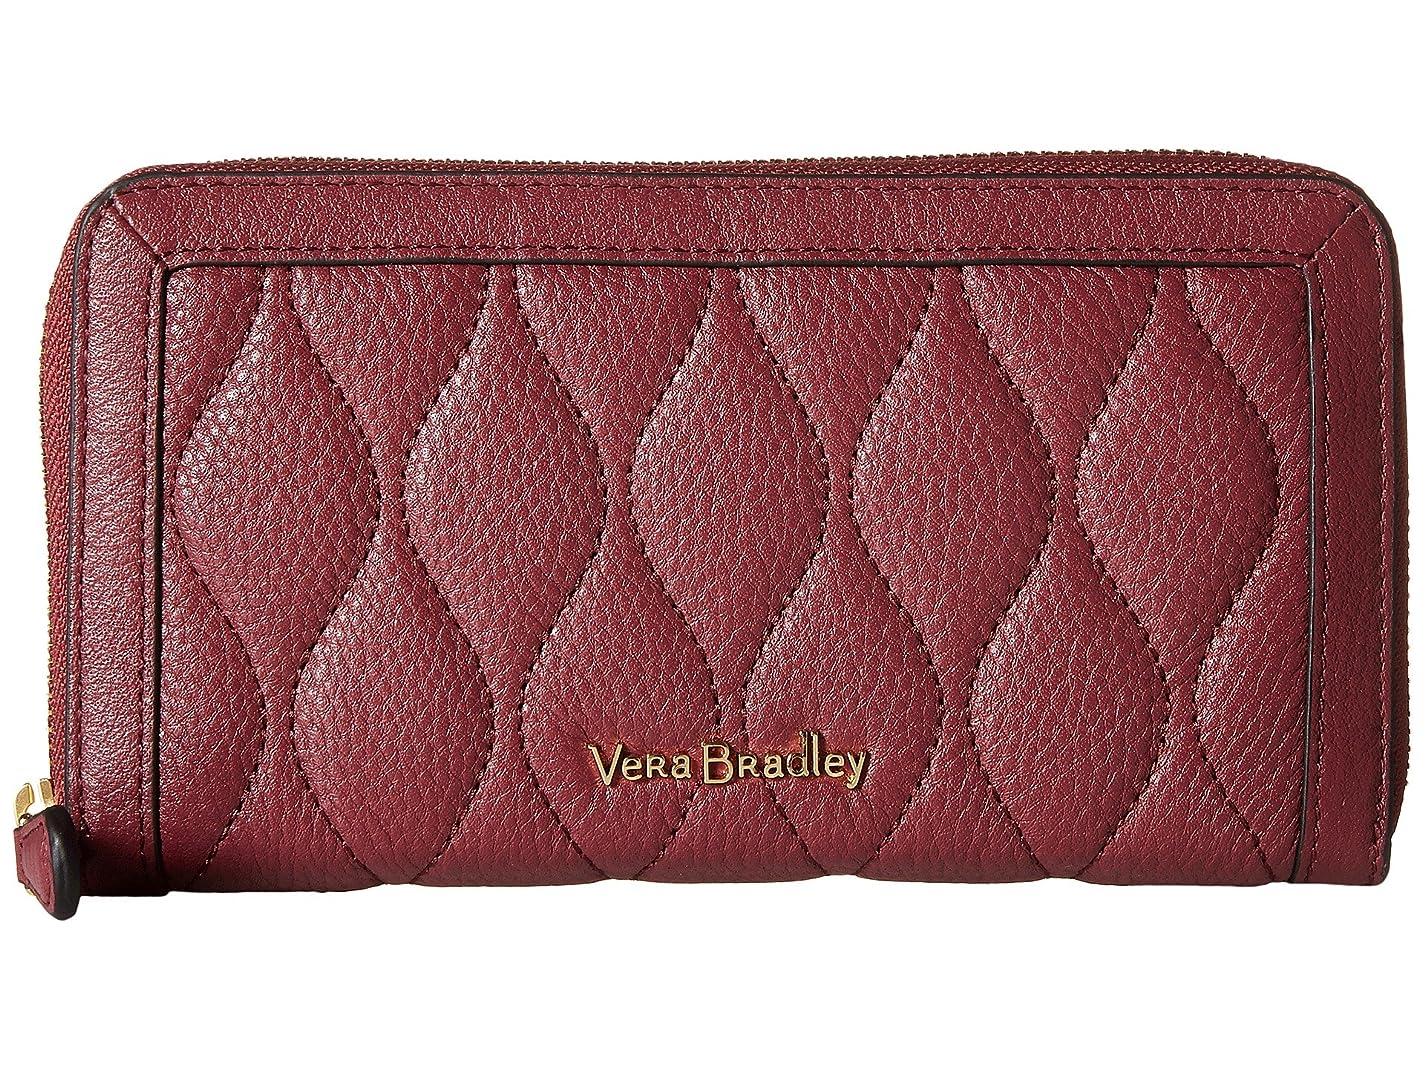 オープナー鎖手数料[ヴェラ ブラッドリー] Vera Bradley レディース Quilted Georgia Wallet ウォレット [並行輸入品]